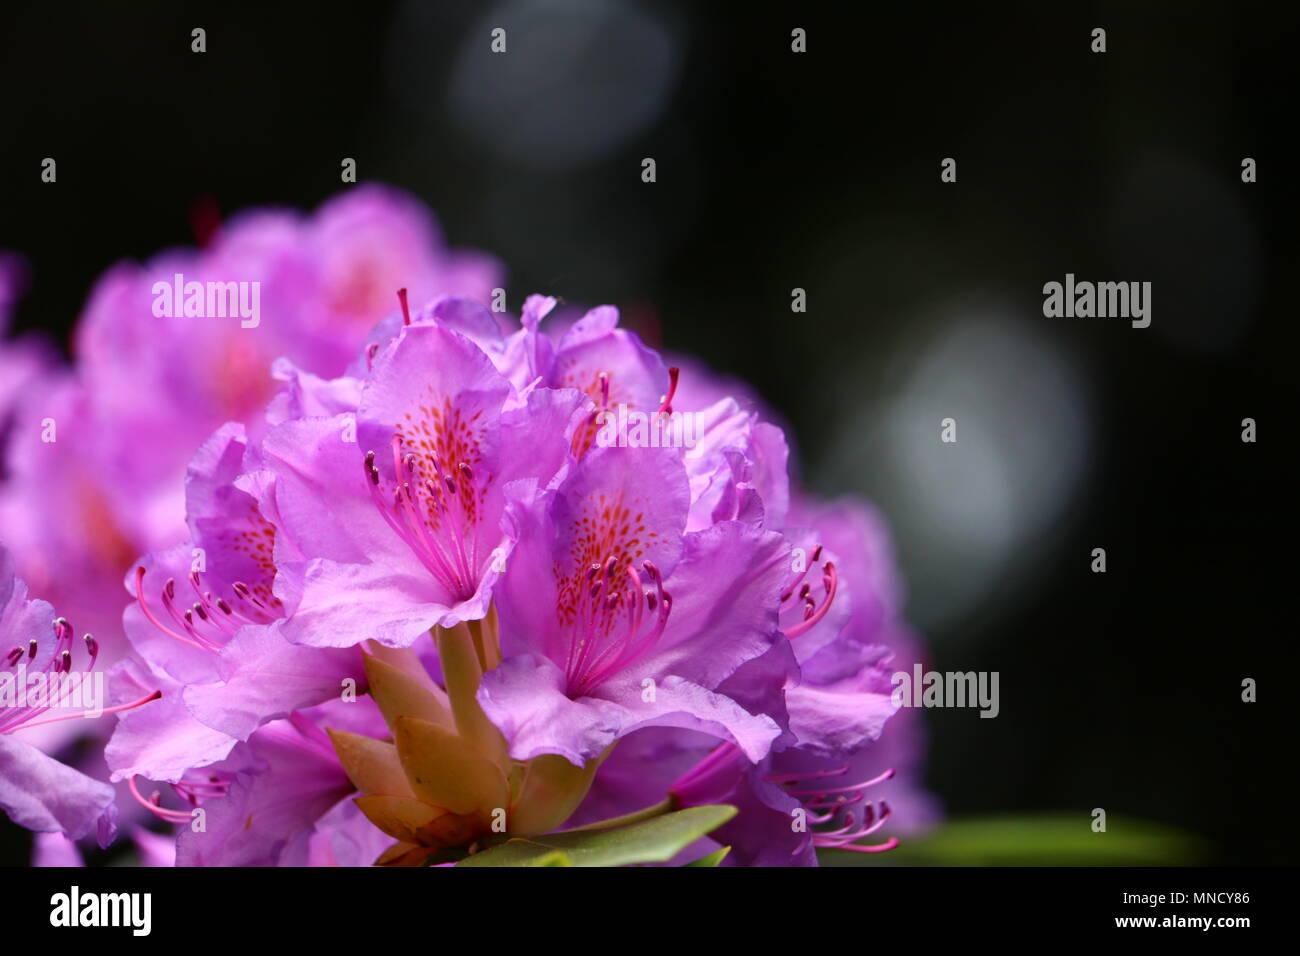 Couleur Lavande Rose Rhododendron En Close Up Avec Copie Espace De